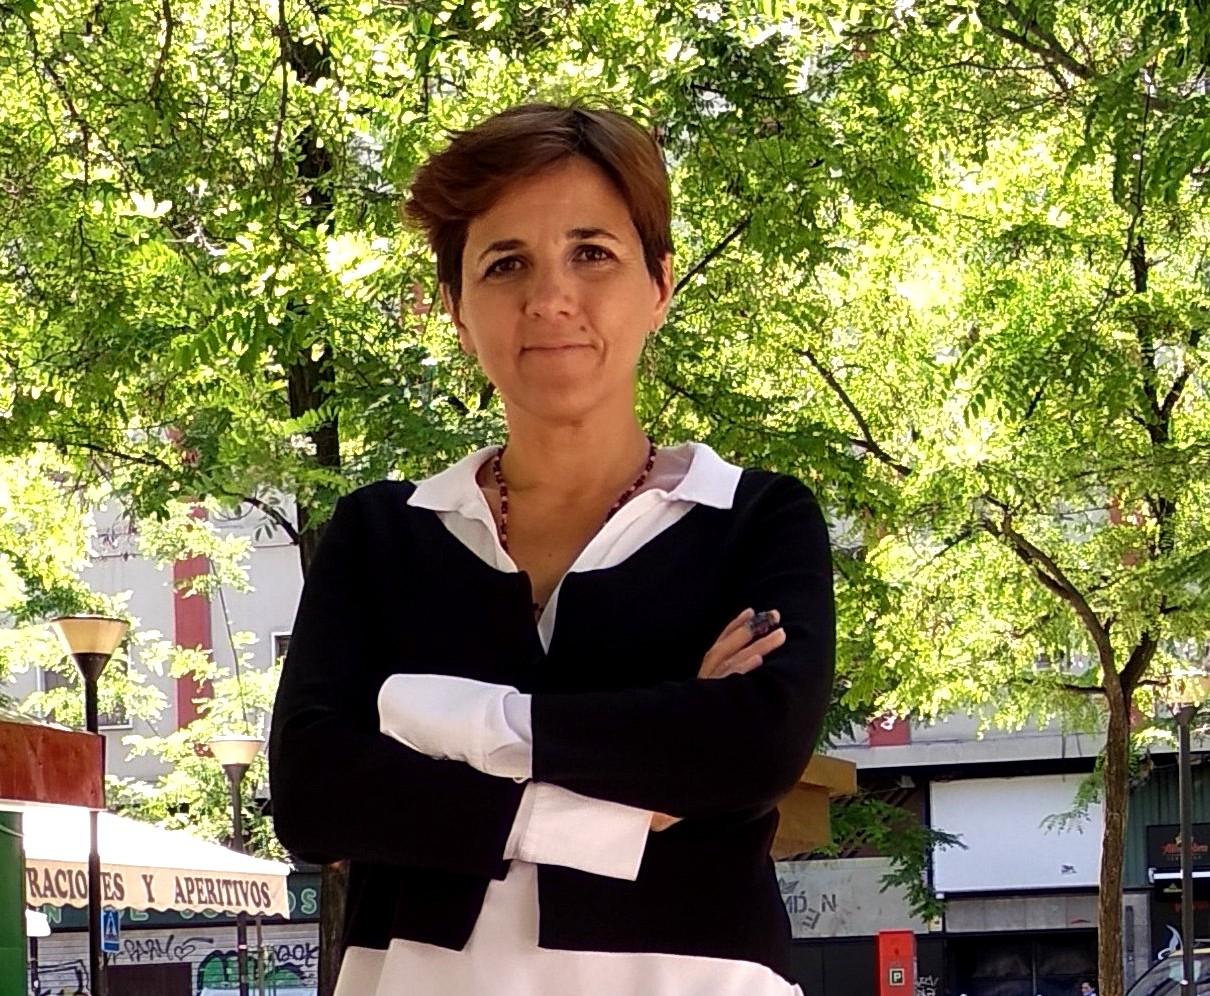 Entrevistamos a Ana Agudo, Directora General del Parque Tecnológico de la Salud de Granada